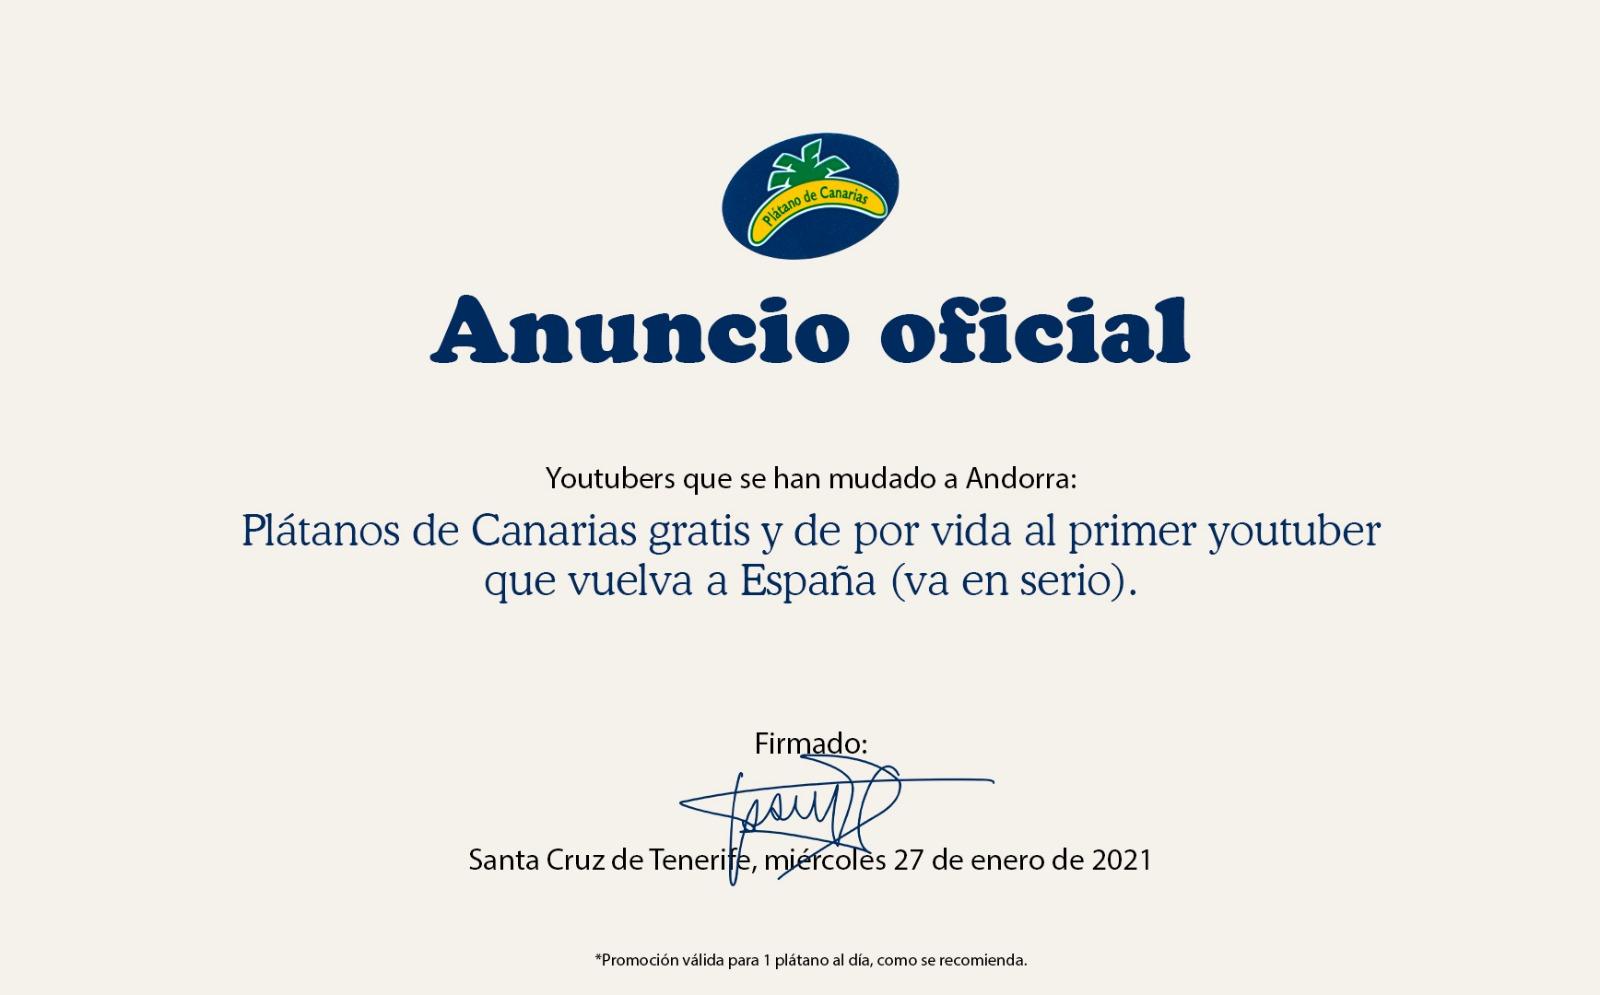 Plátanos de Canarias, GRATIS, al primer youtuber que venga de Andorra